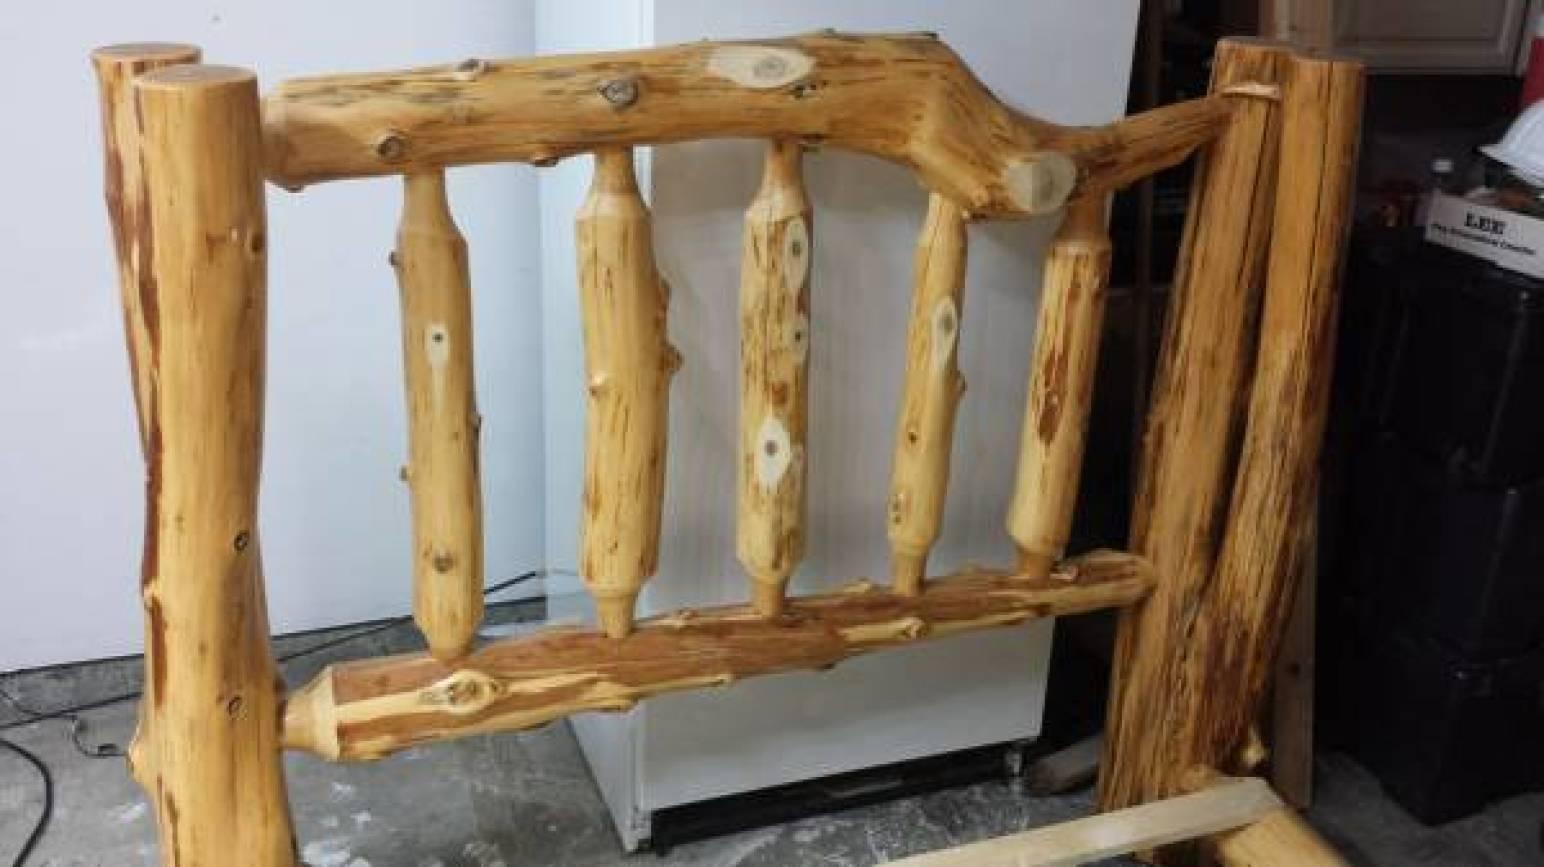 Rustic Log Wood Hand Made Bed Frame - $600 (Oak Harbor)